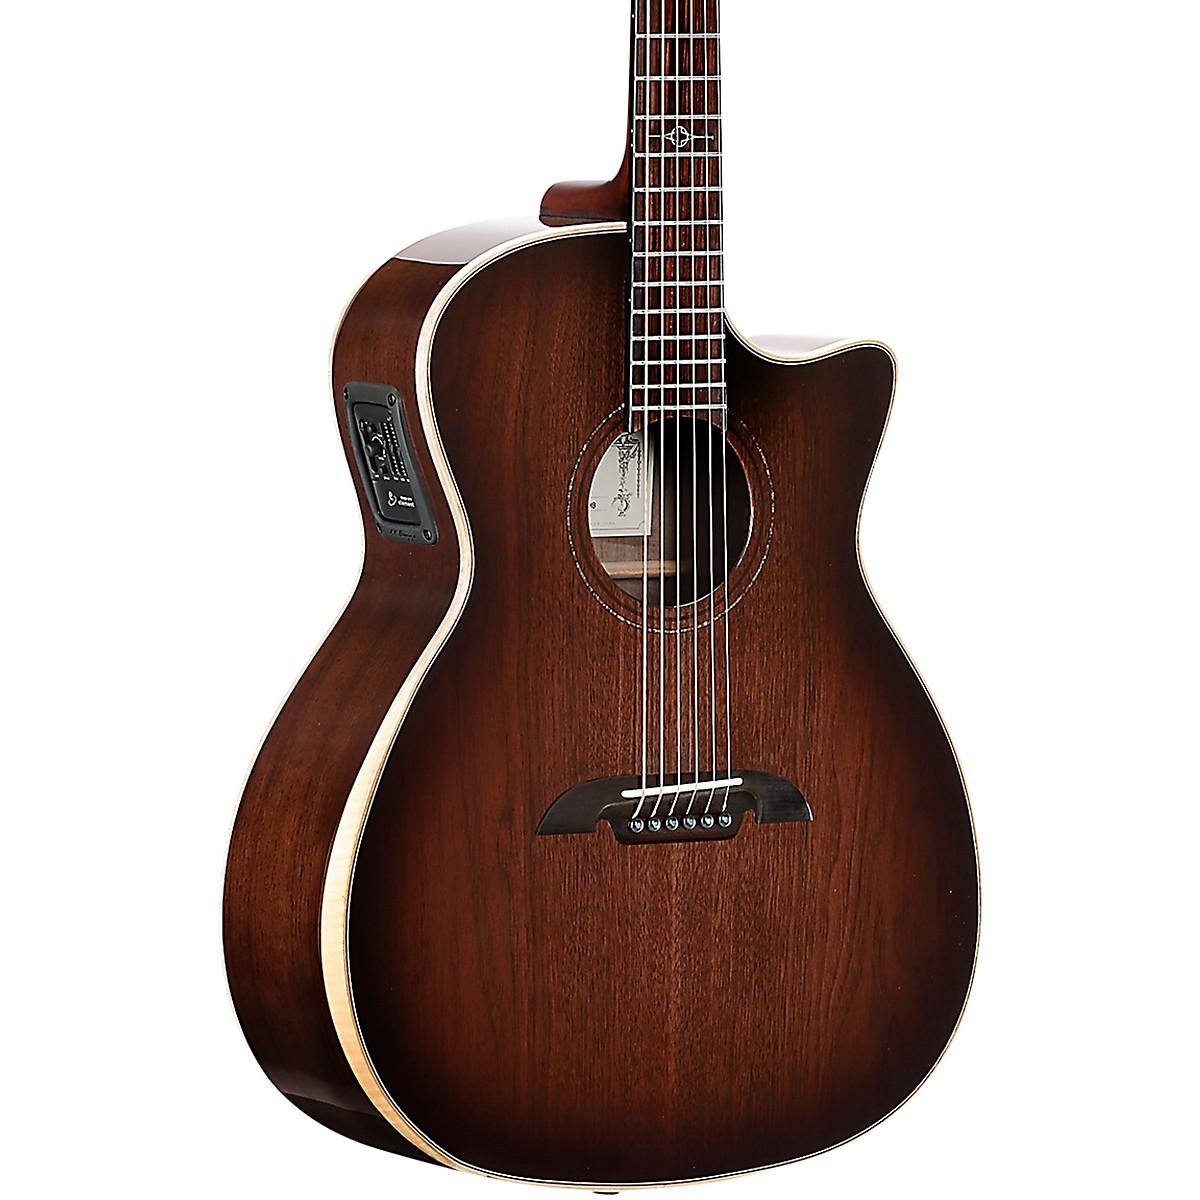 Alvarez AGW77CEARSHB Artist Elite Grand Auditorium Acoustic-Electric Guitar